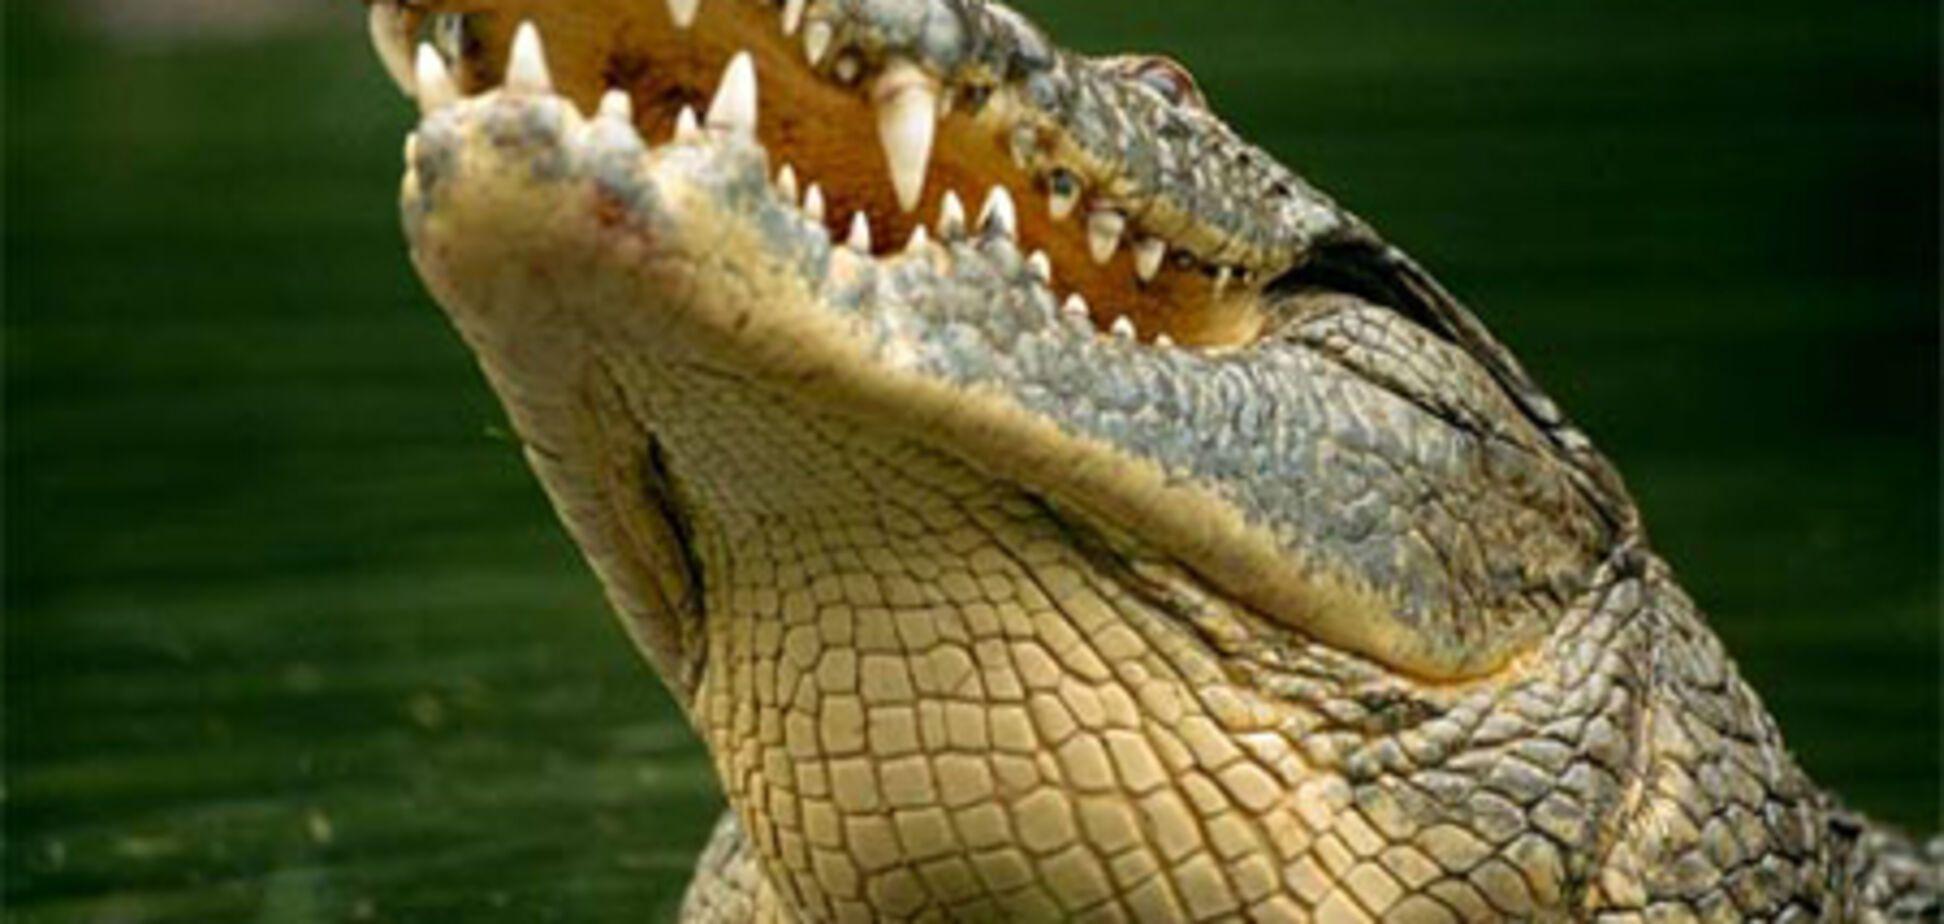 Россиянин хотел вывезти из Египта 8 крокодилов и 40 черепах